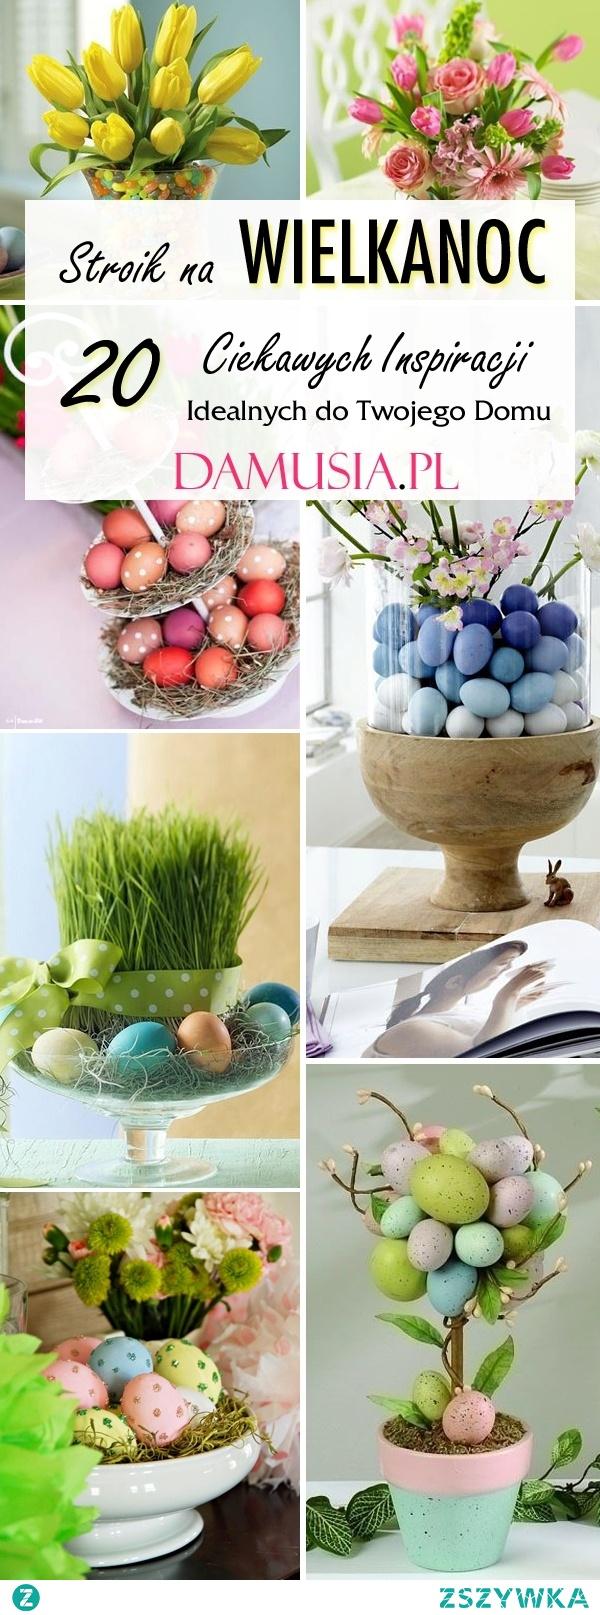 Stroik na Wielkanoc: 20 Ciekawych Inspiracji na Dekoracje do Twojego Domu